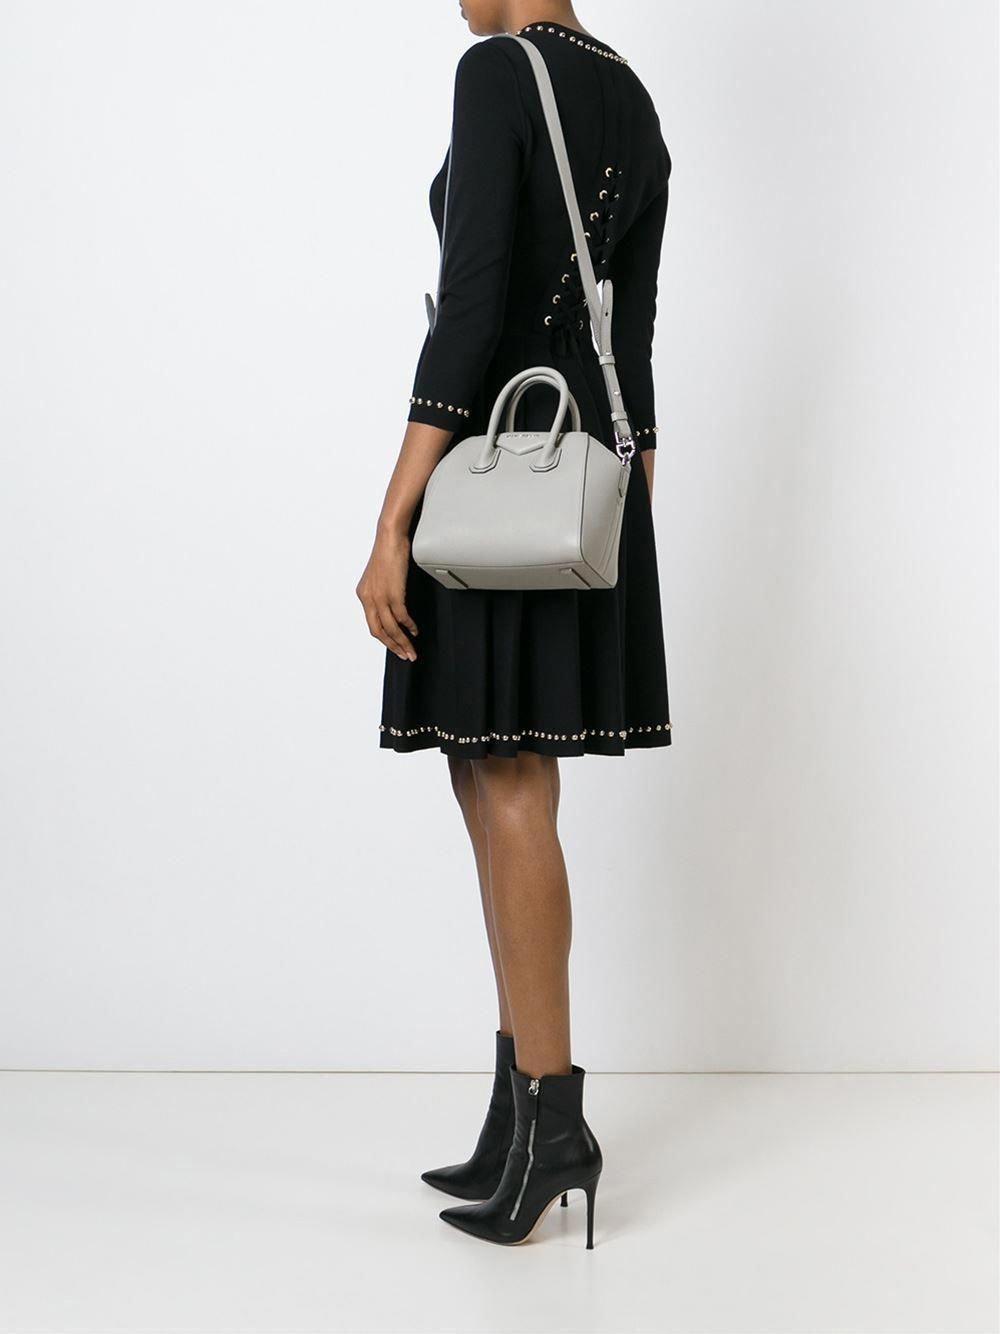 34dcf8510e97 Givenchy Antigona Mini Bag Grey  Designerhandbags  Givenchy sAntigonapurses   greyhandbags